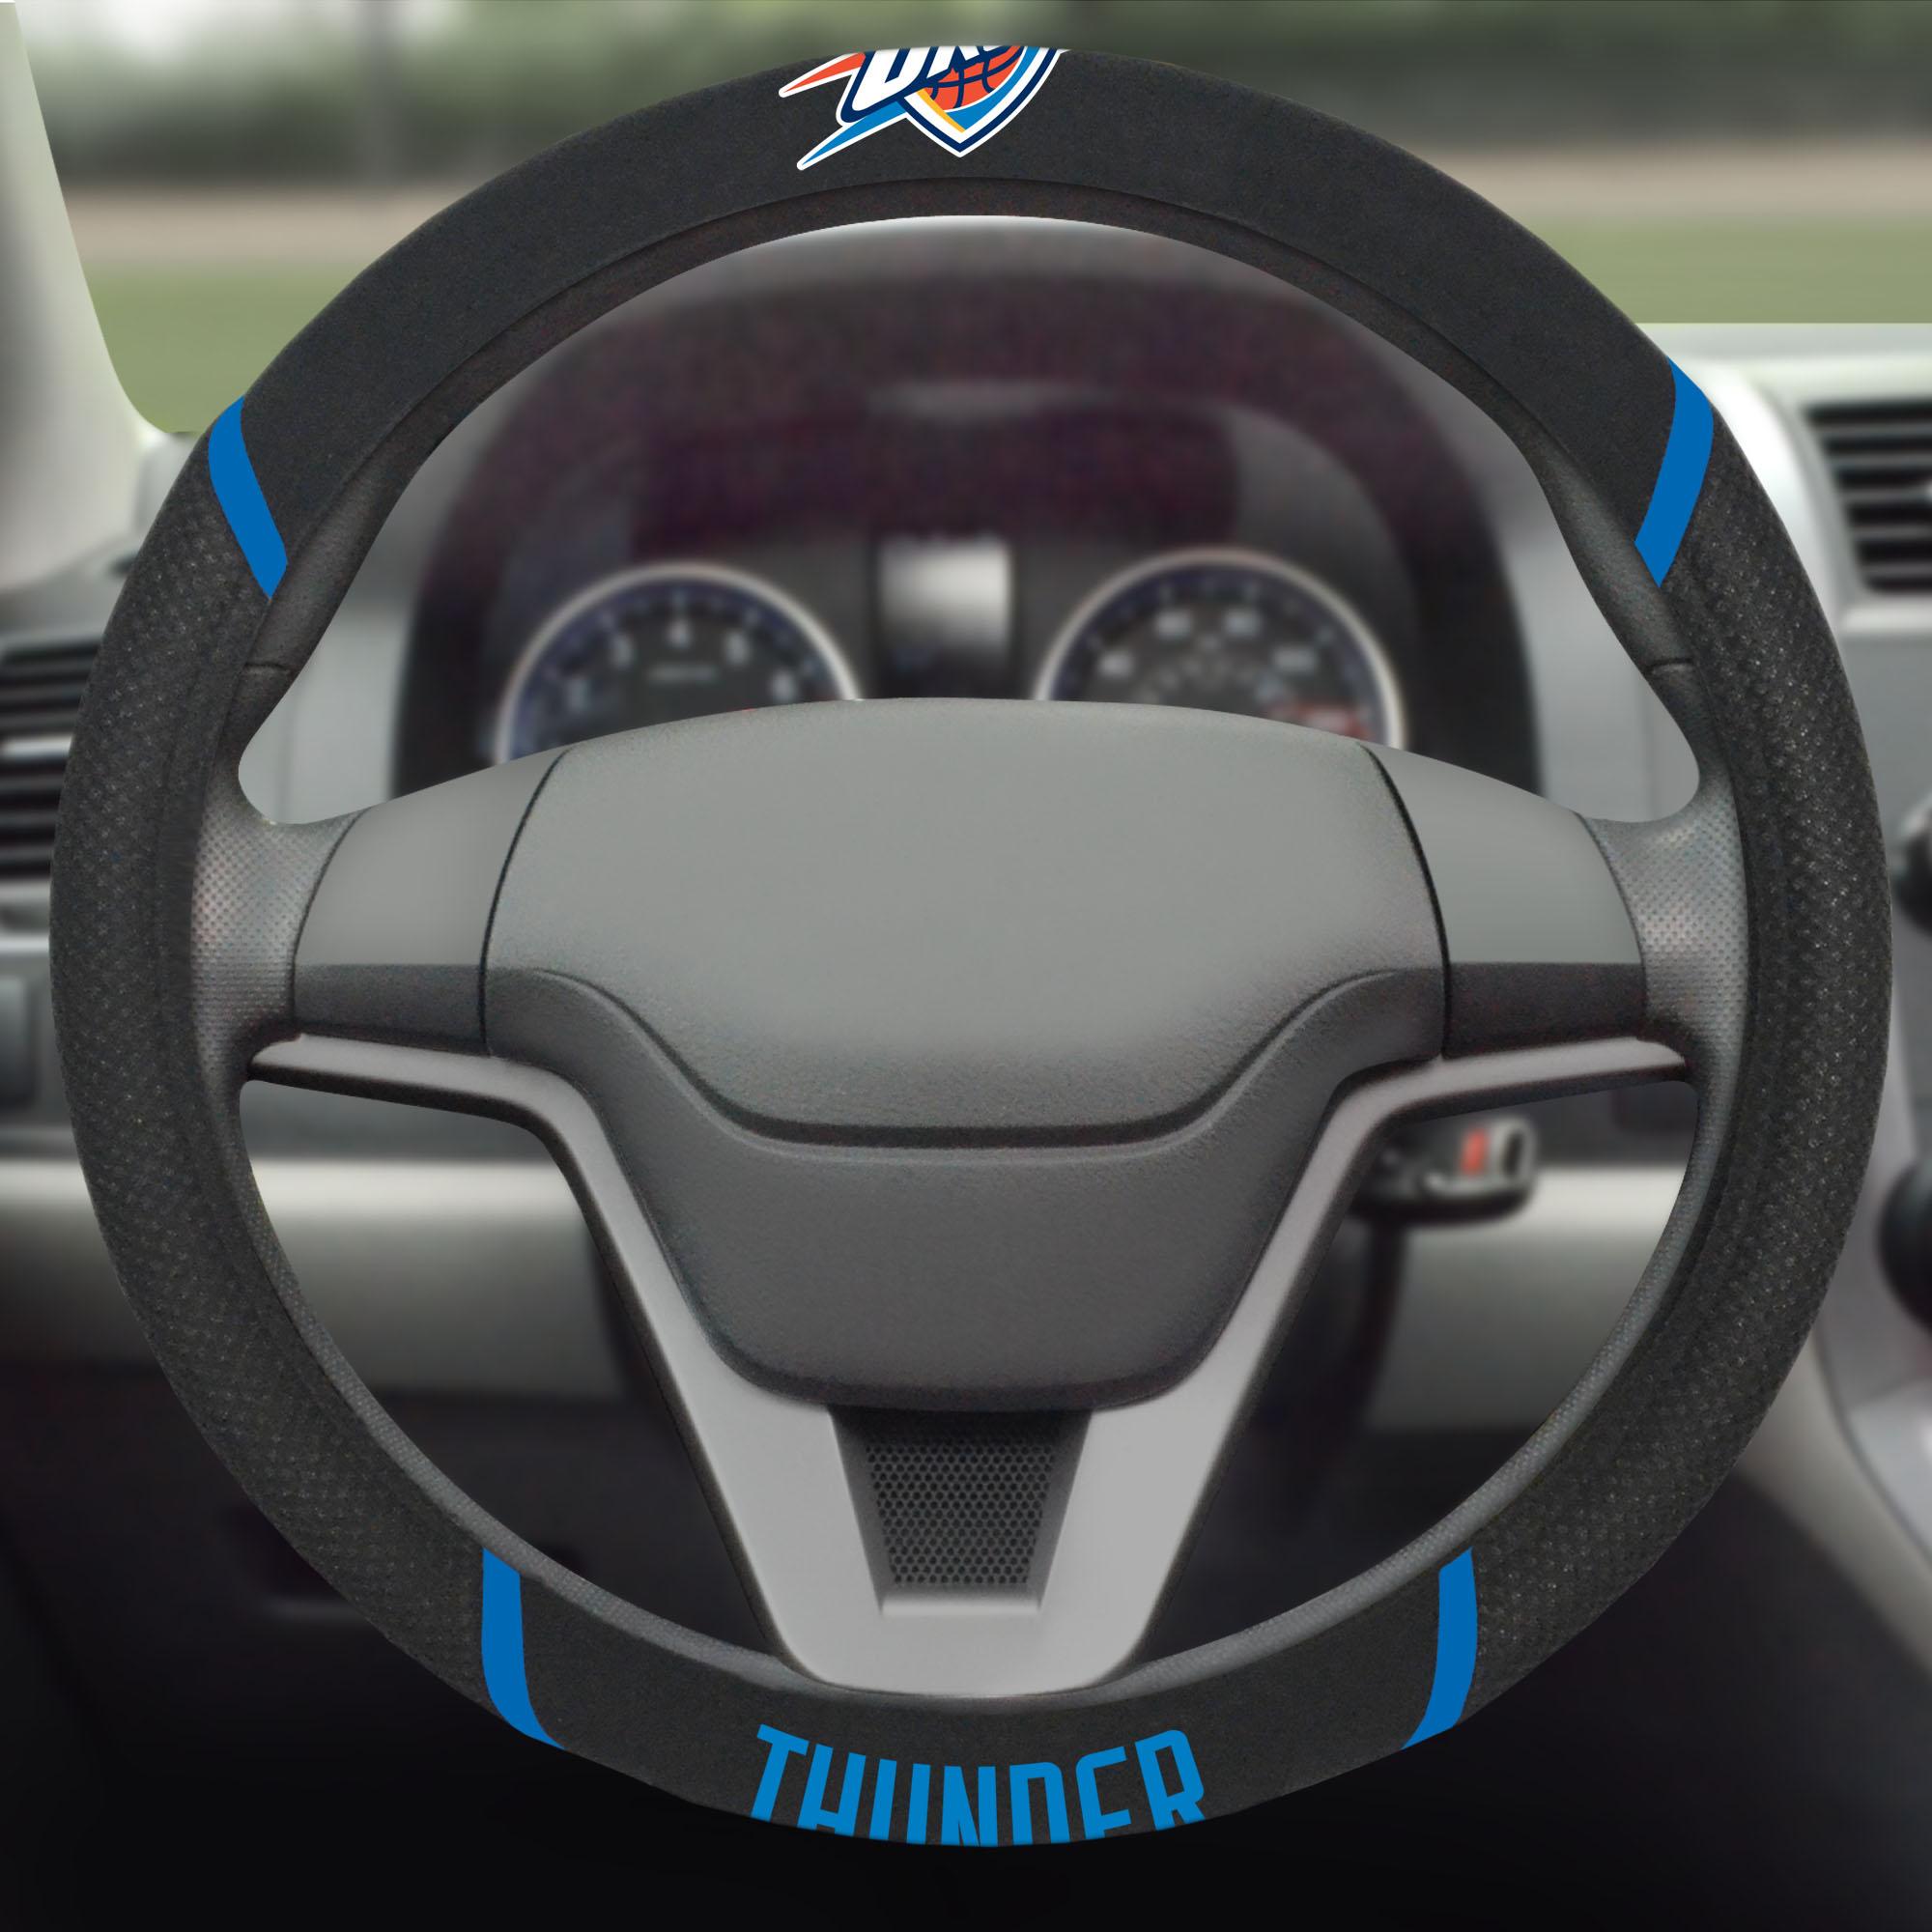 Oklahoma City Thunder Steering Wheel Cover - No Size